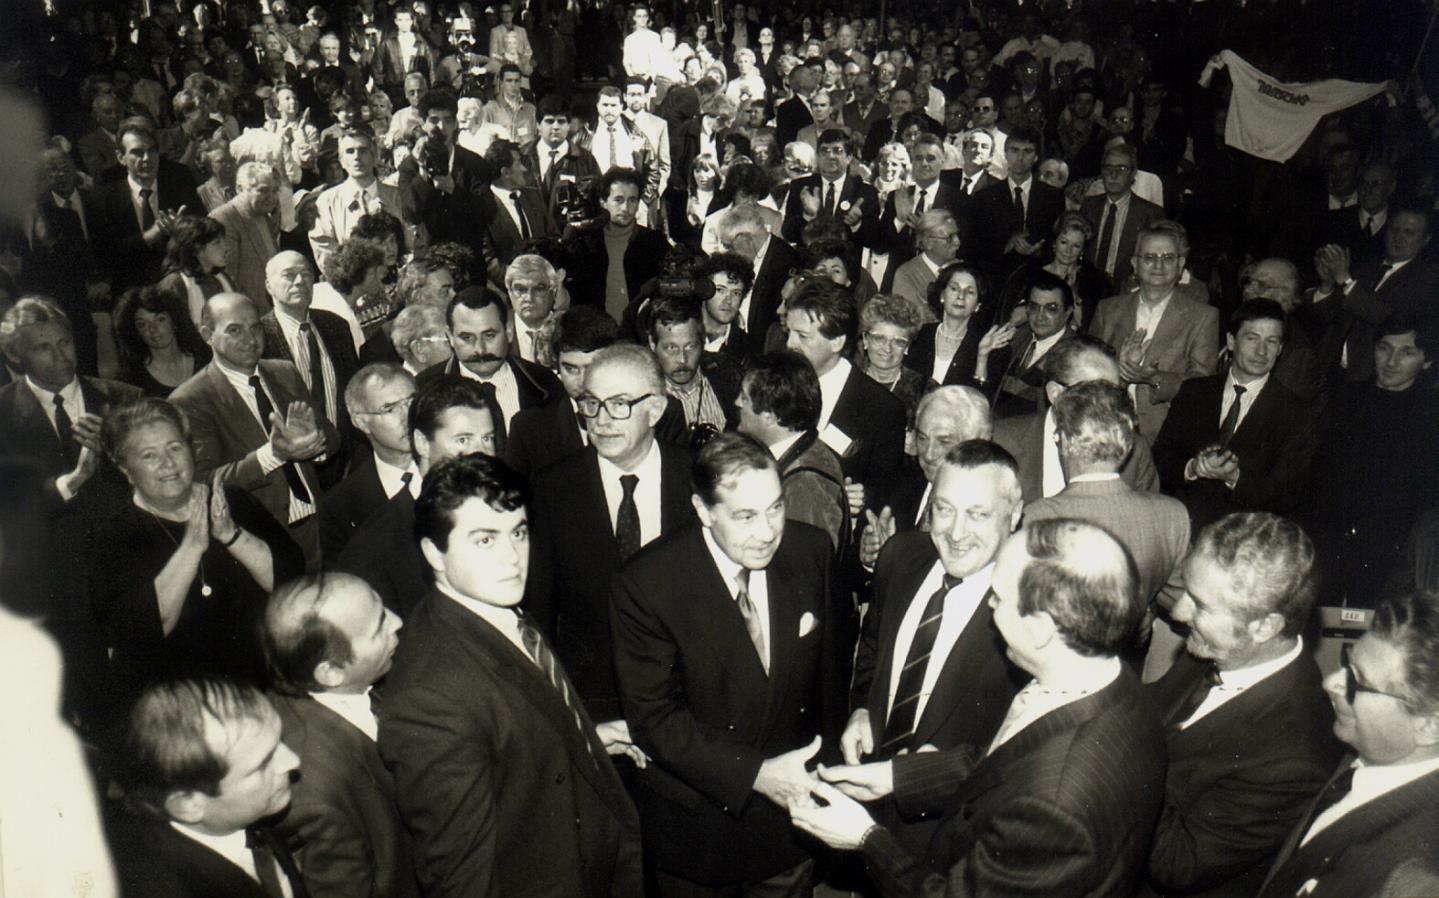 lors de la visite de l'ancien ministre de l'Intérieur, Charles Pasqua. On reconnaît, au premier rang, Olivier Bettati devant Christian Estrosi.